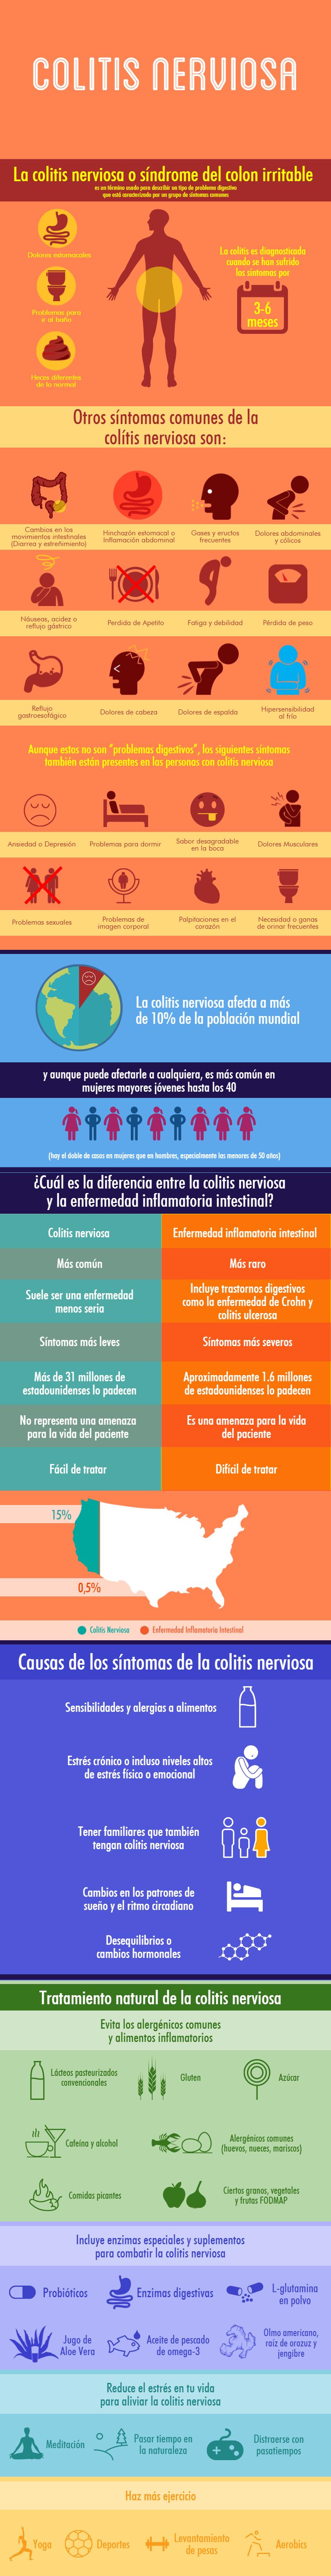 sintomas-de-la-colitis-nerviosa-infografico